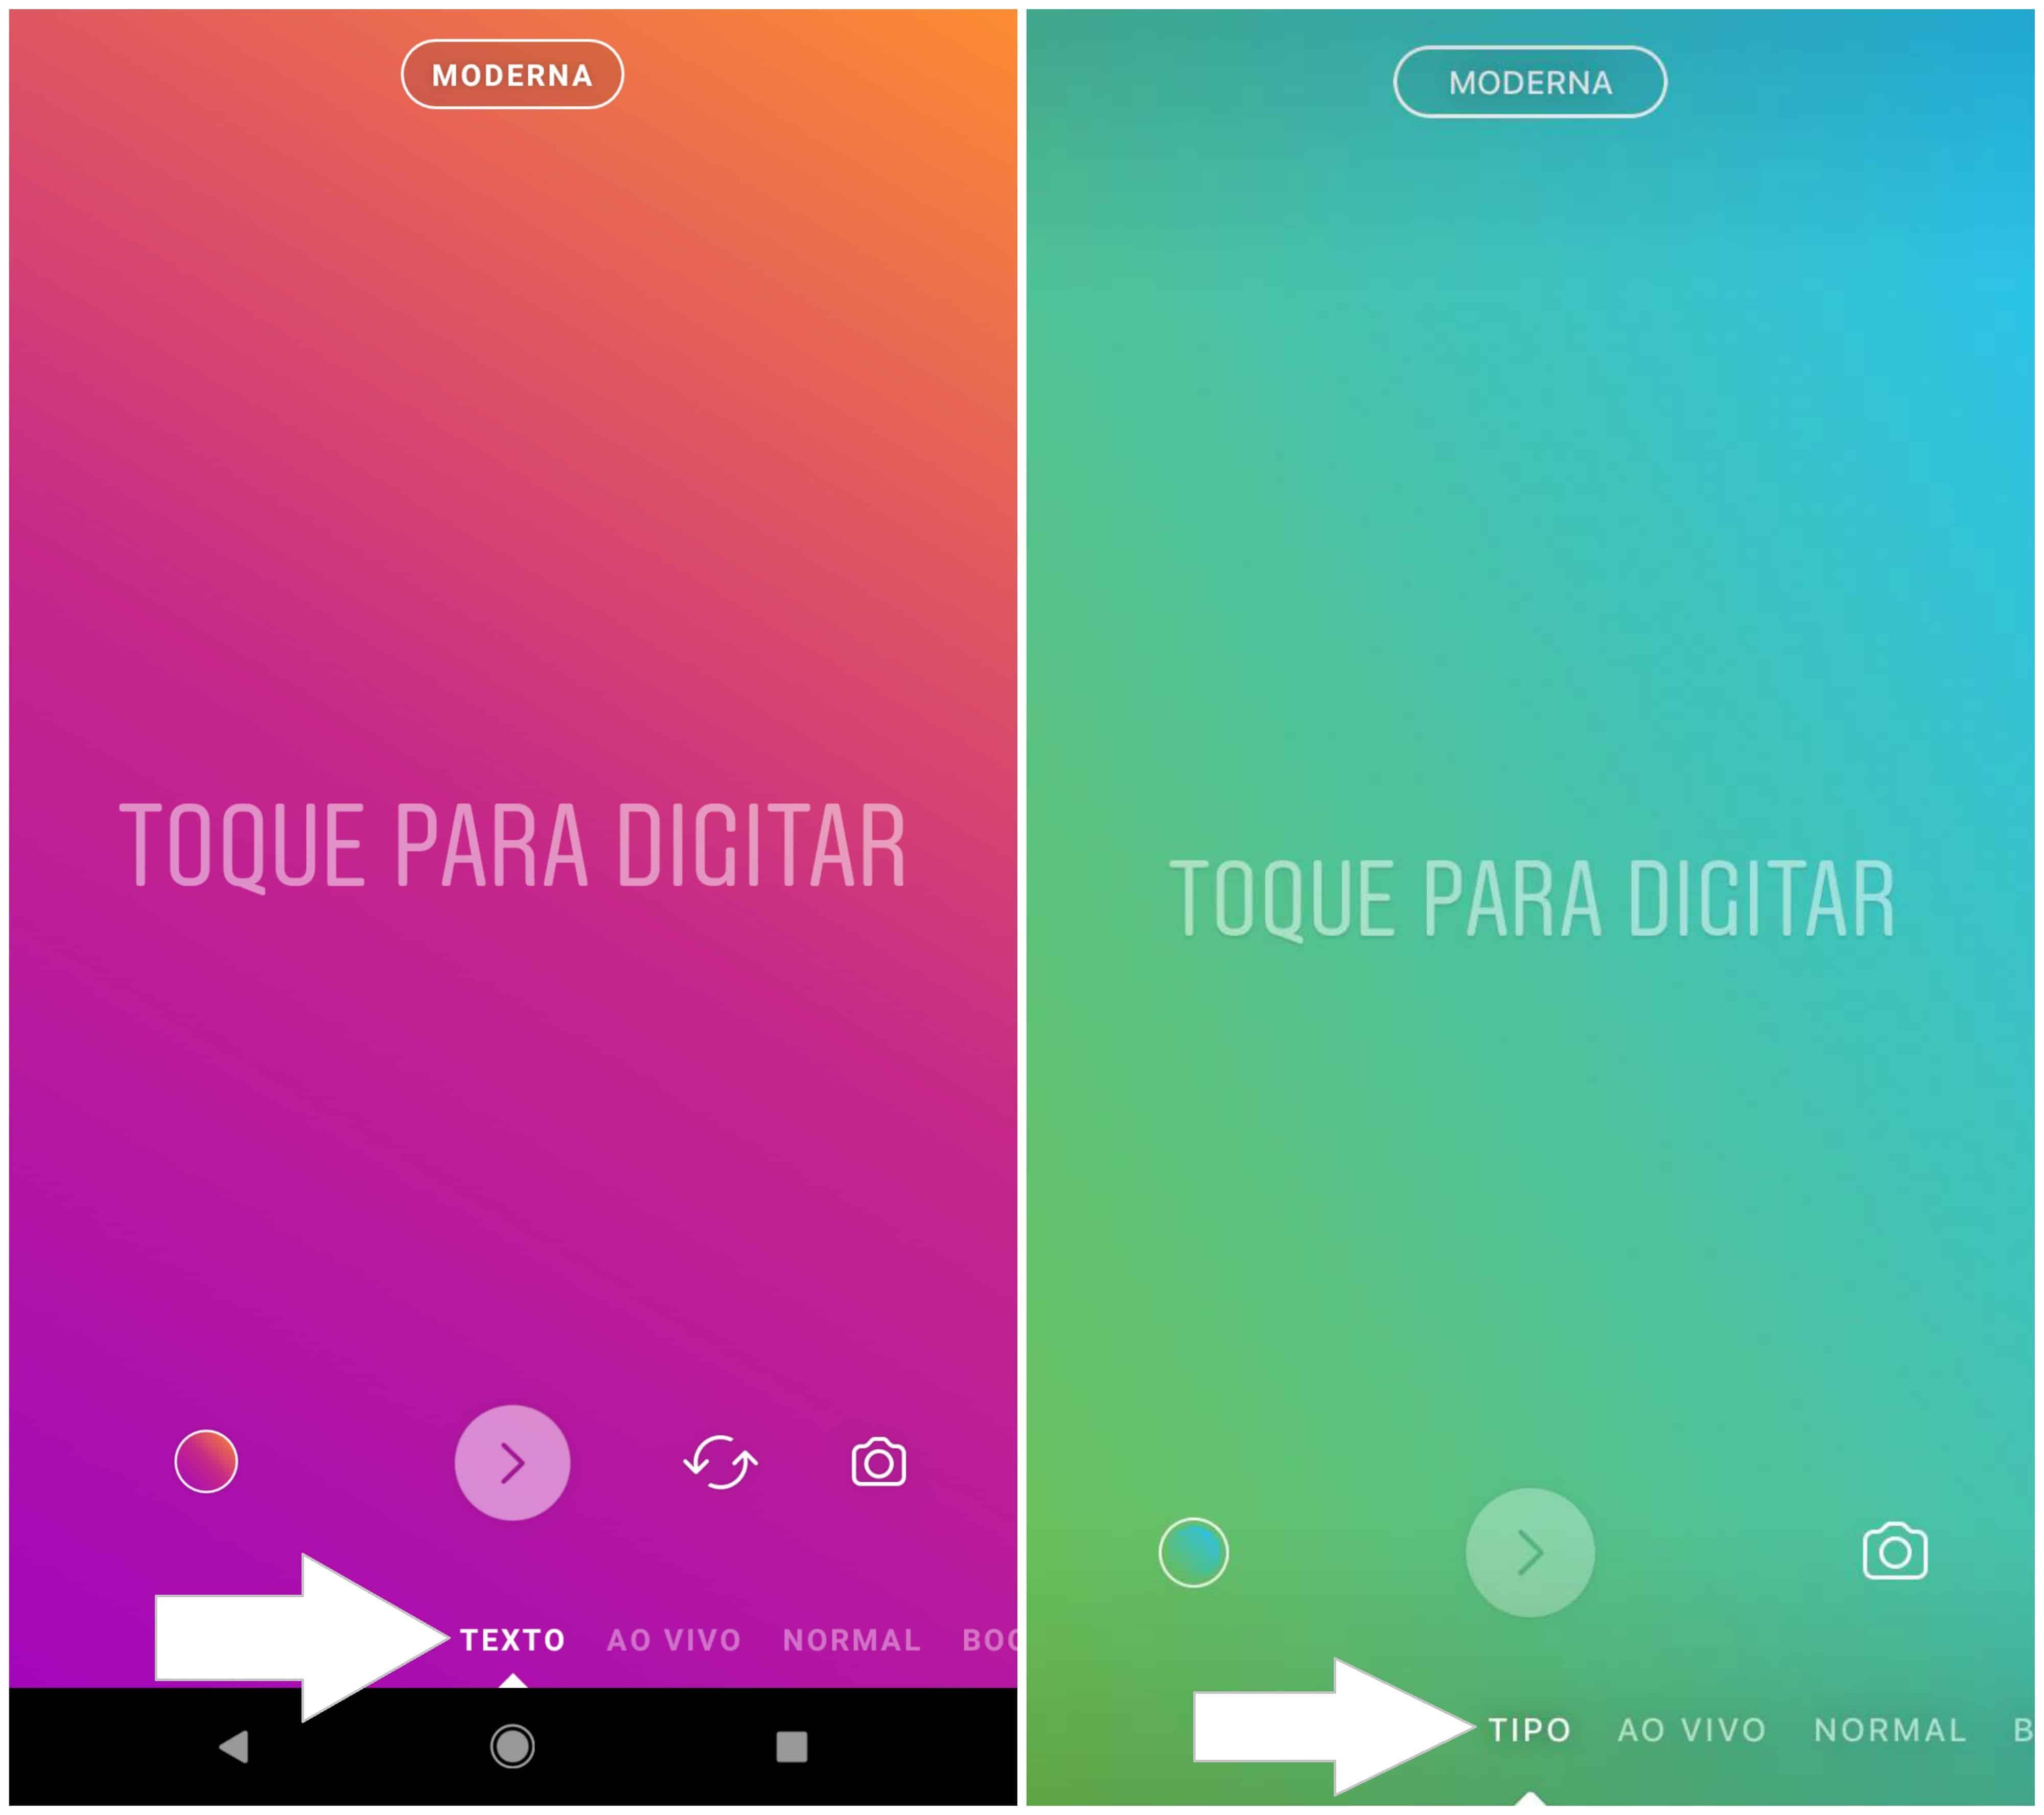 Instagram Agora Permite Postar Textos Sem Foto No Stories